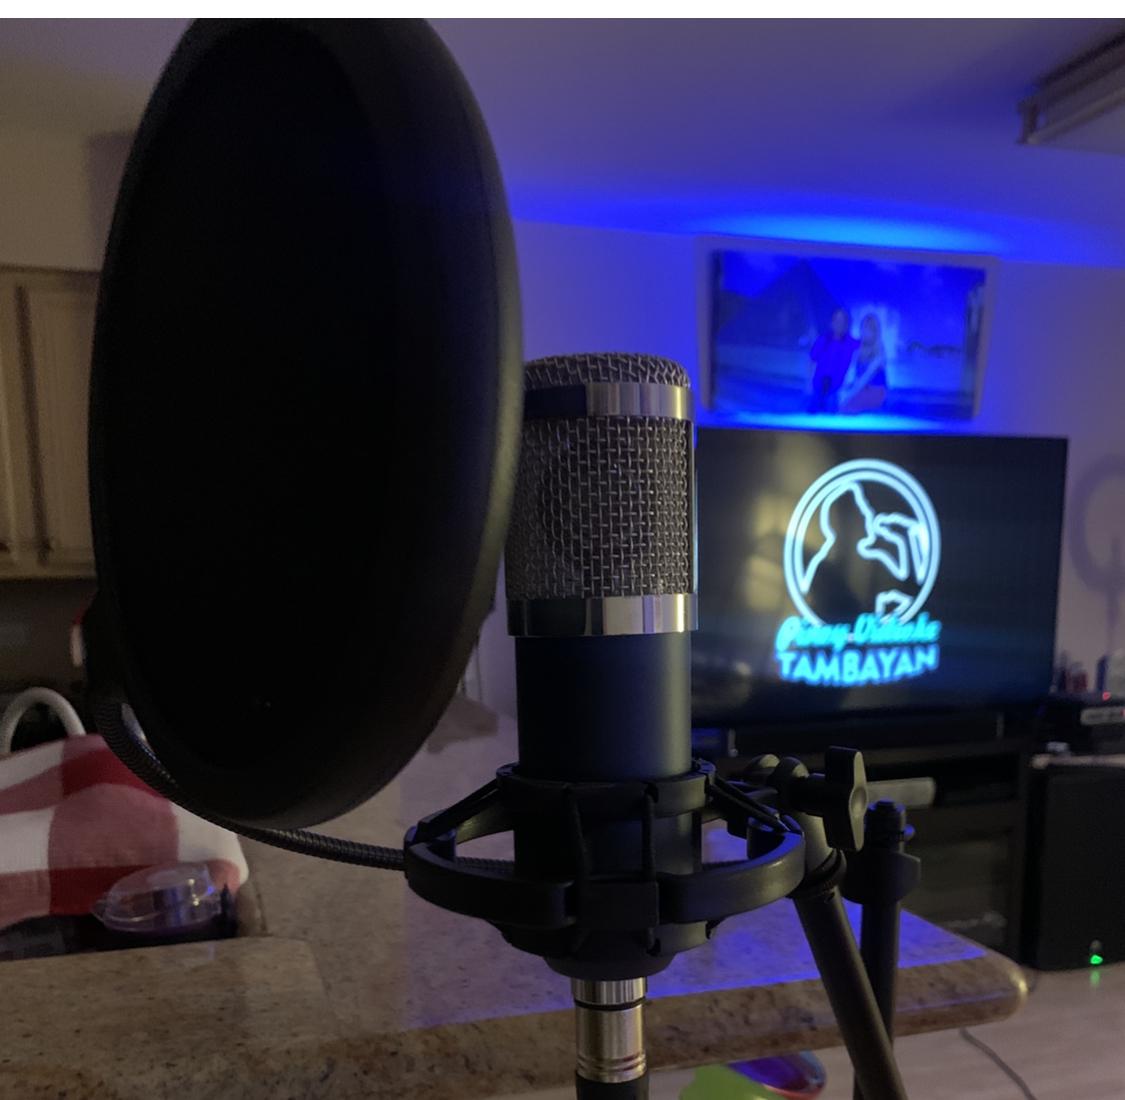 Decent sound for karaoke singing